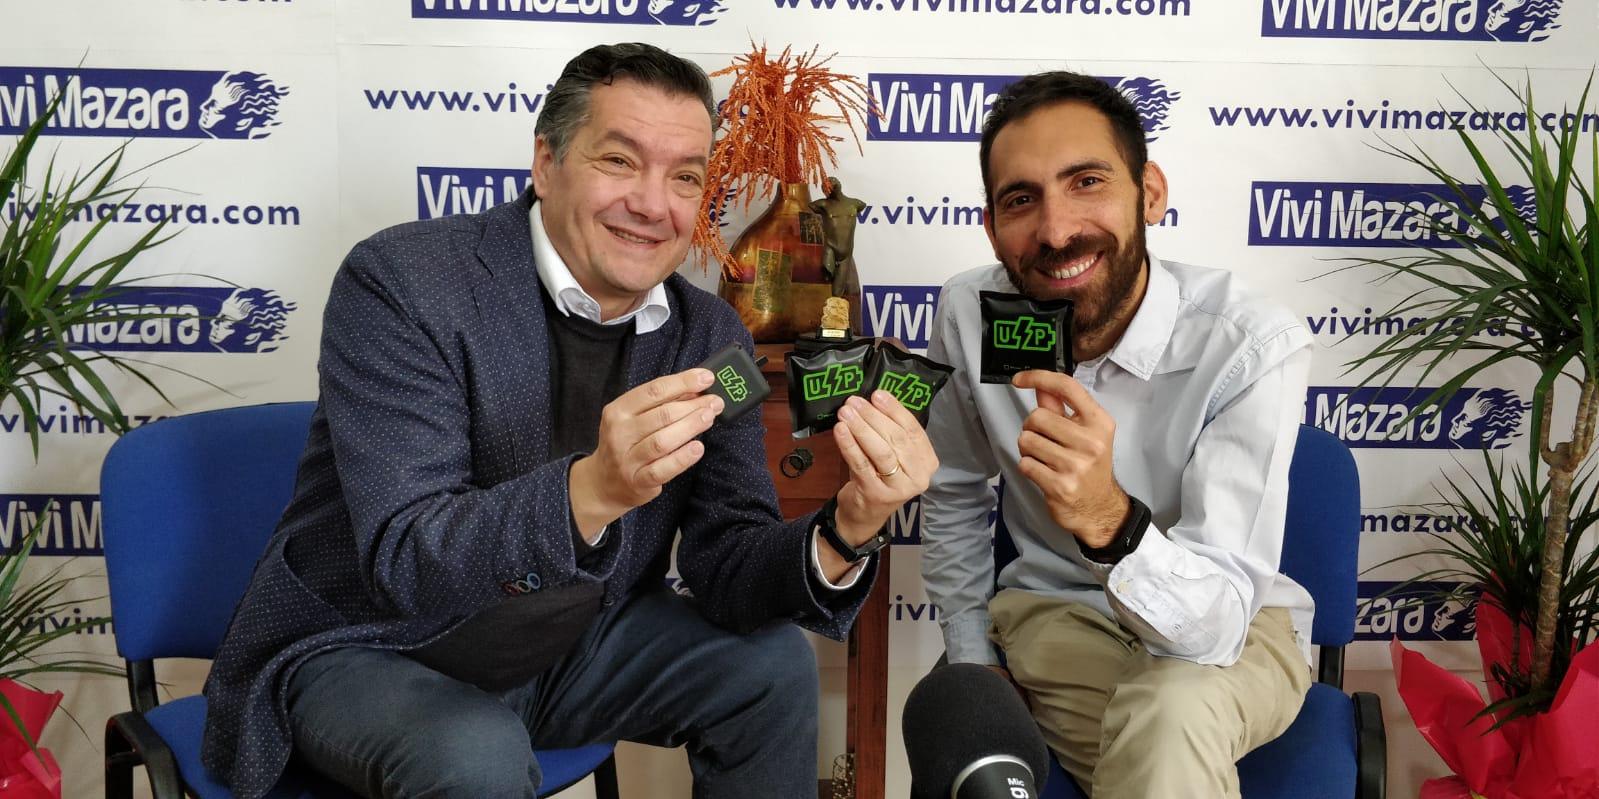 Mazara: Intervista con Fabrizio Spanò. Presentiamo UP